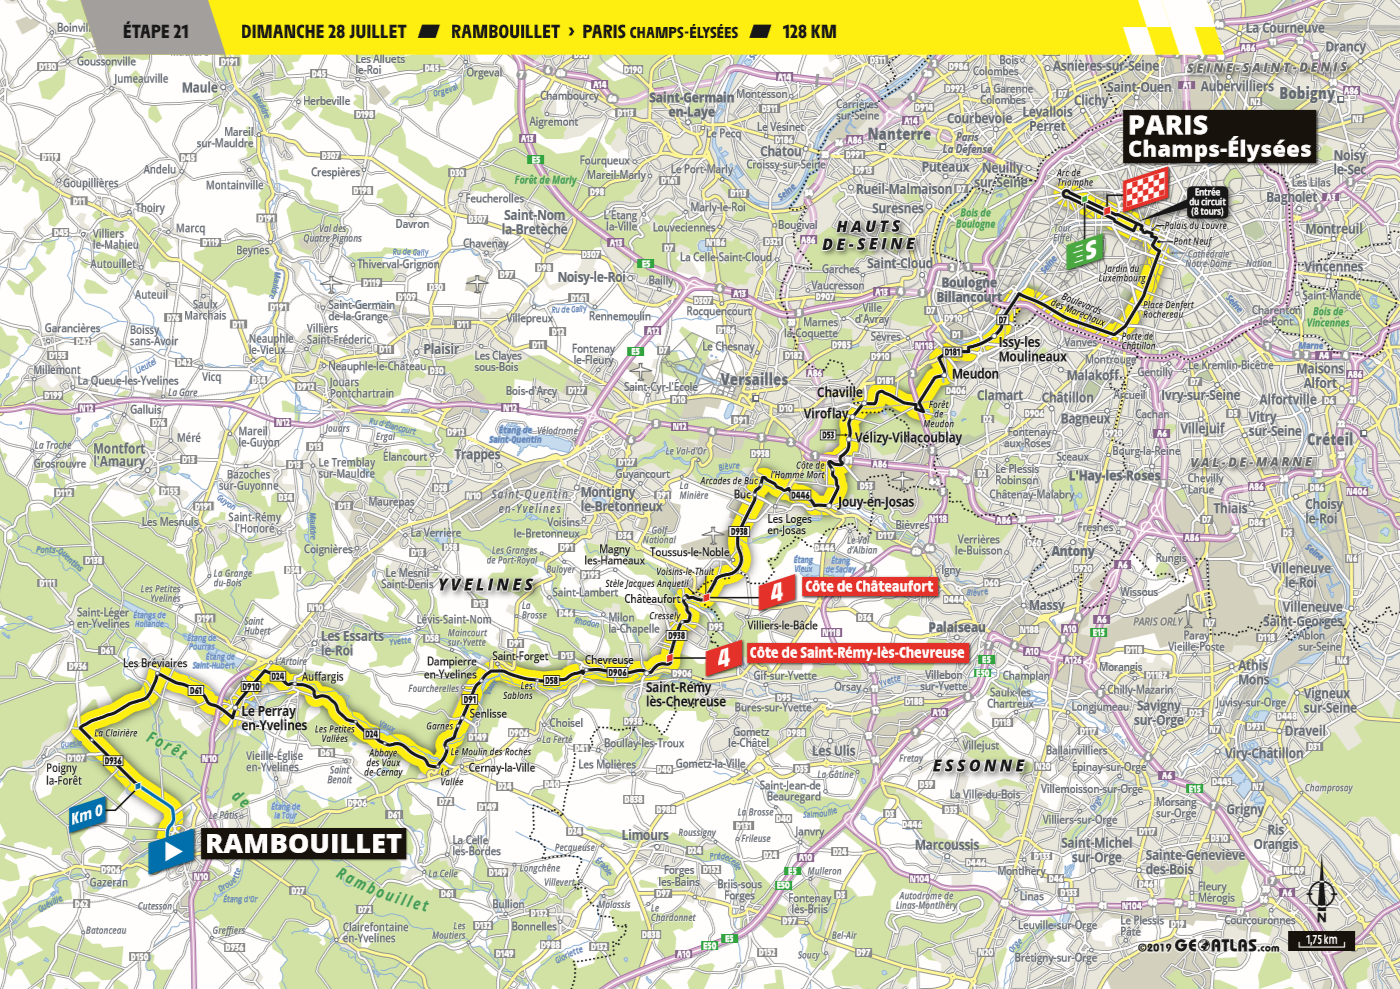 Tour de France 2019 - Page 23 19061902171031446